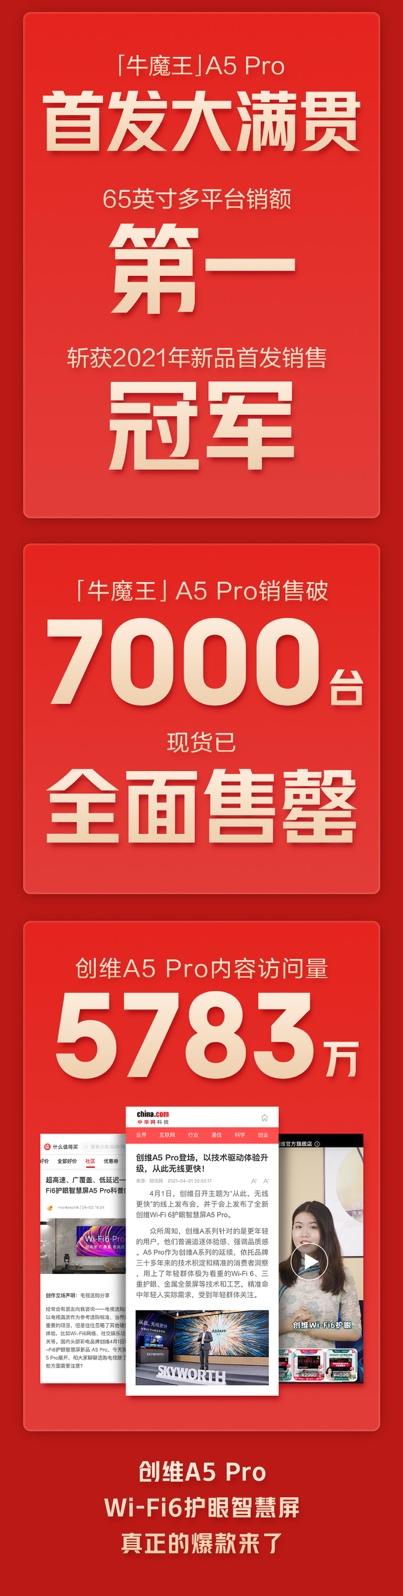 创维A5 Pro获新品首发销售冠军,创维全球电视节战绩斐然